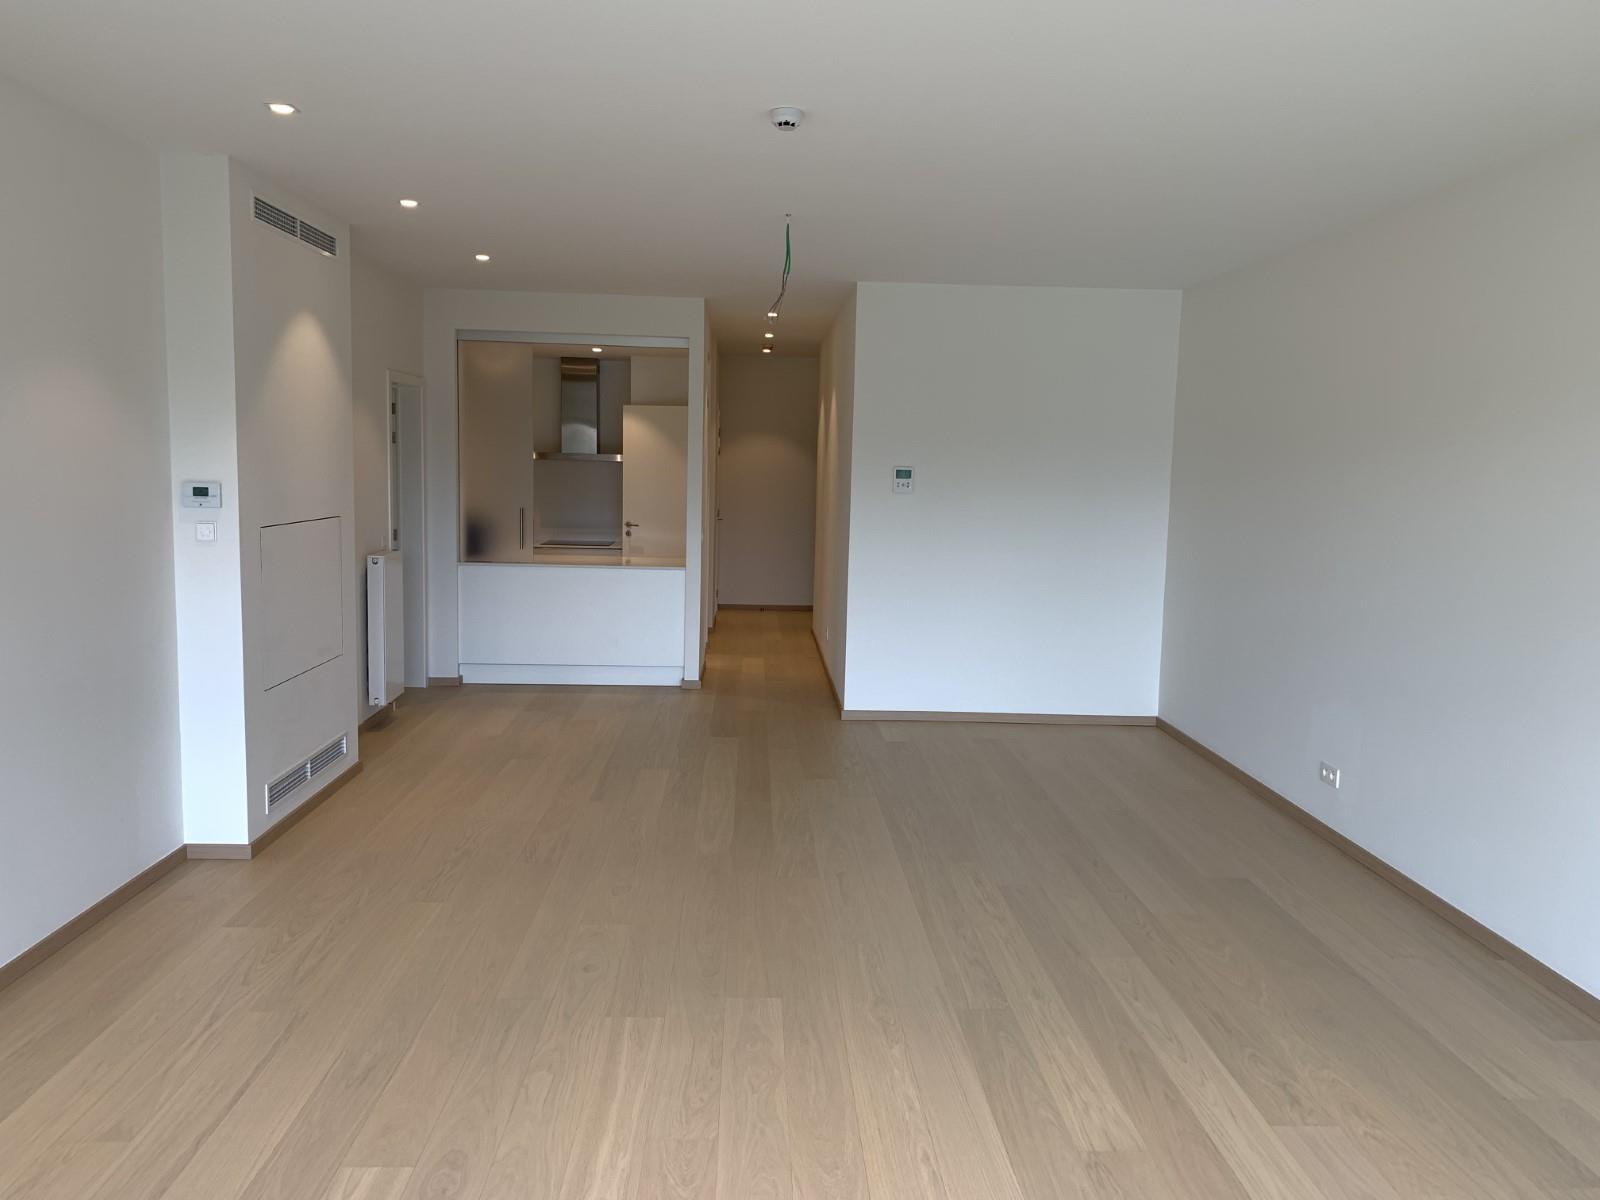 Appartement exceptionnel - Ixelles - #3929618-5